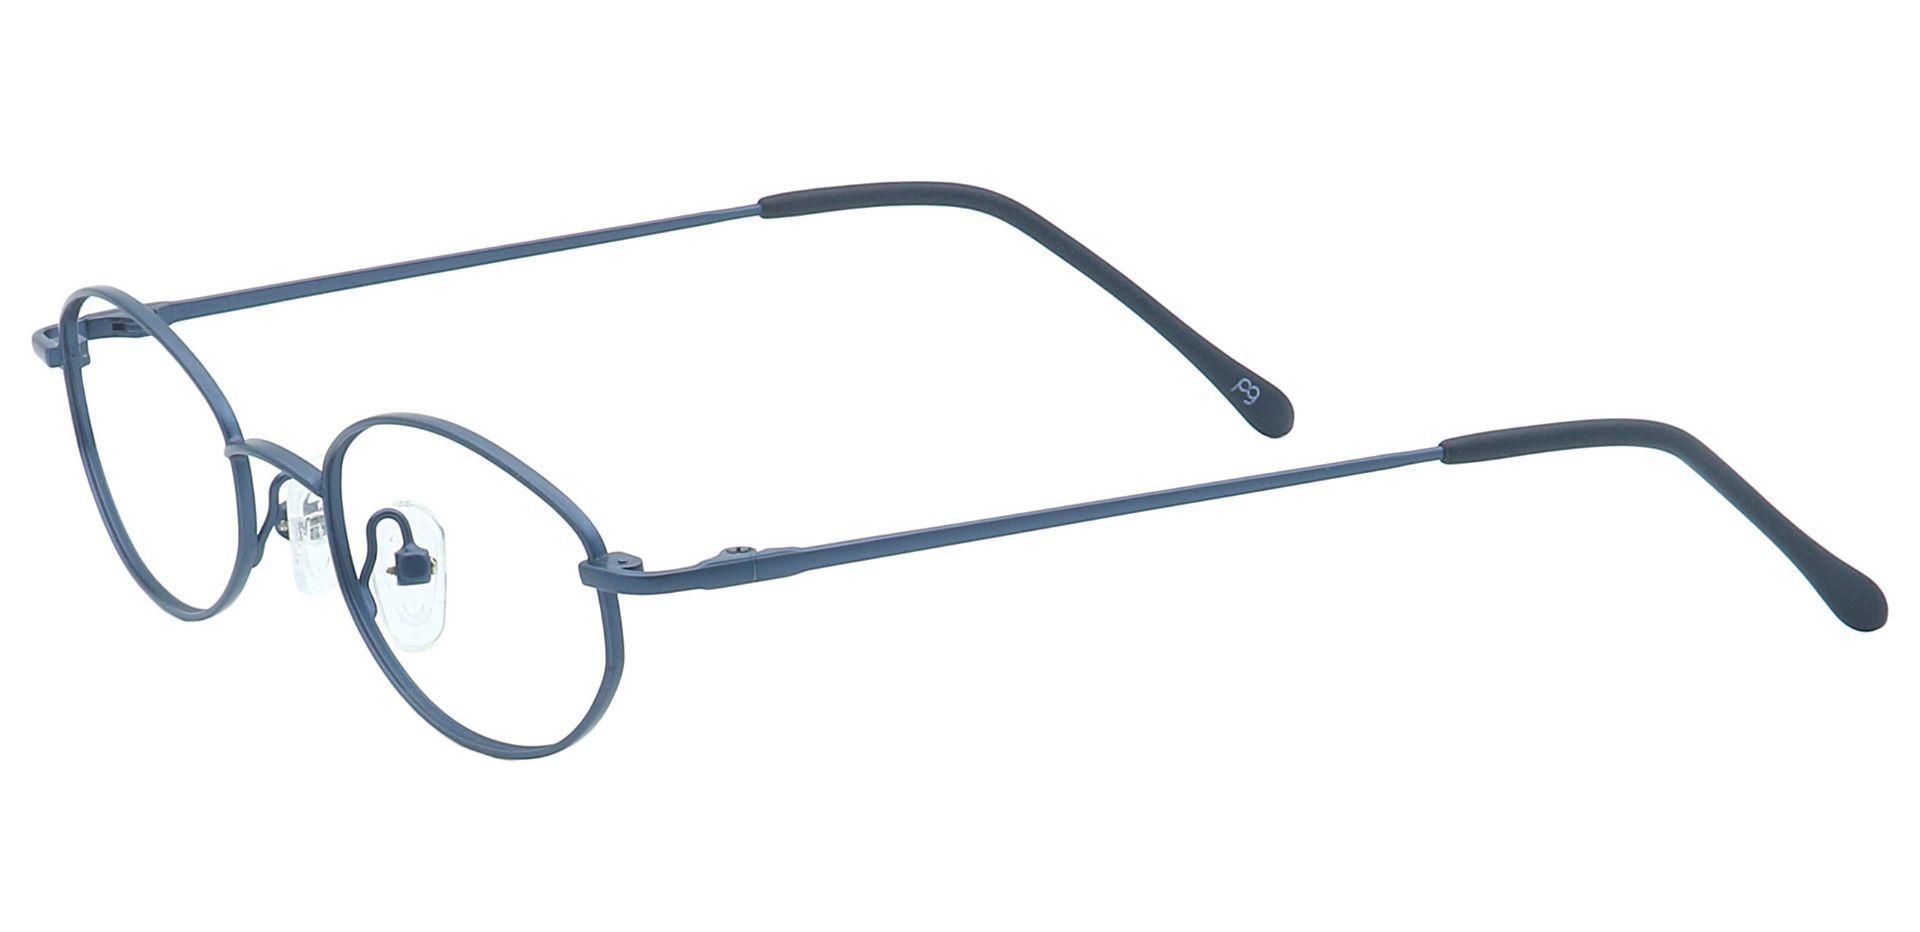 Odion Oval Blue Light Blocking Glasses - Blue